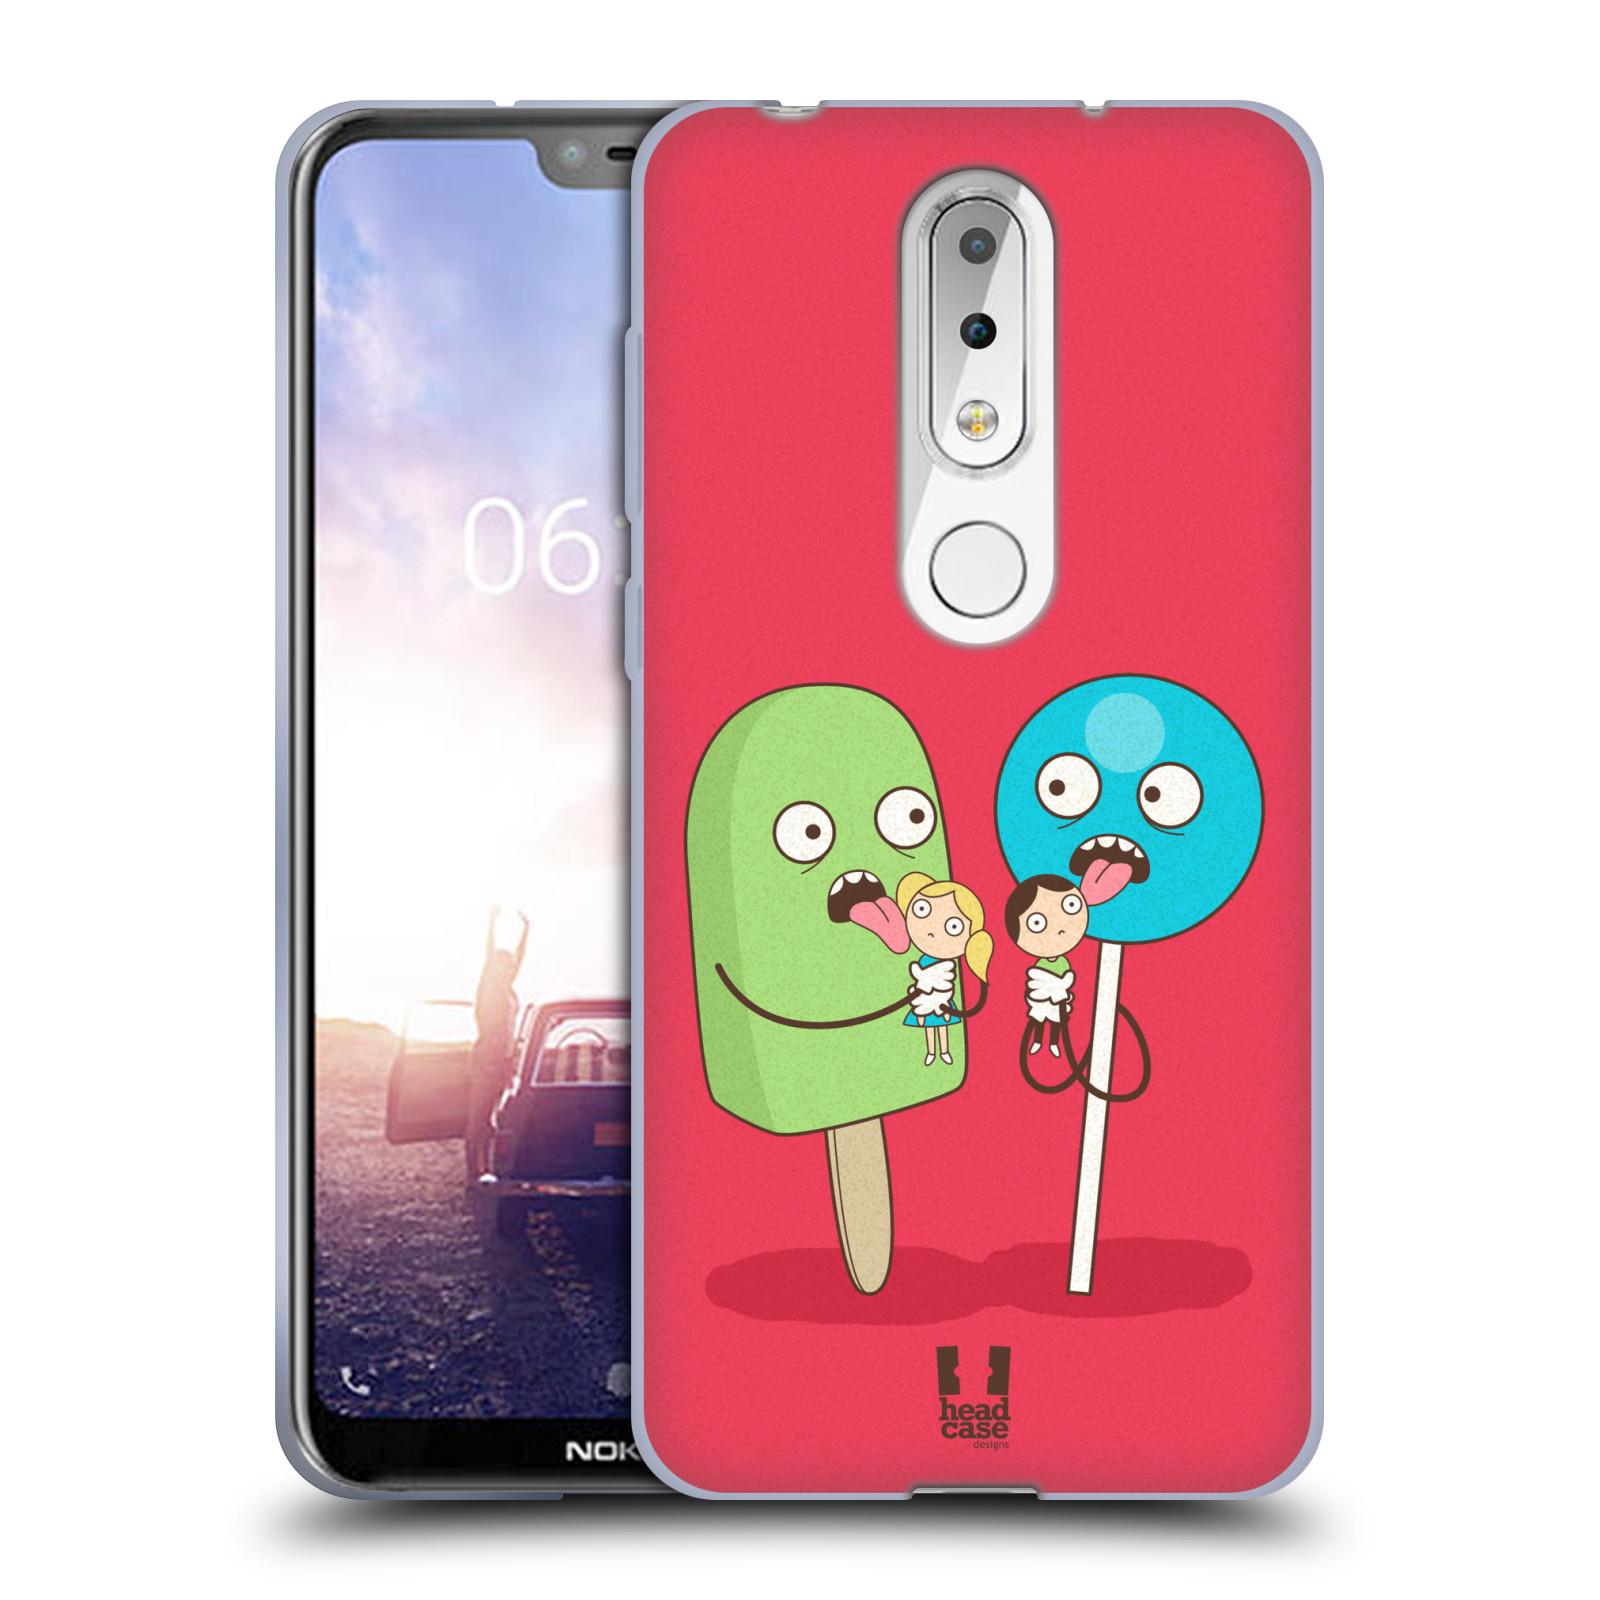 Silikonové pouzdro na mobil Nokia 6.1 Plus - Head Case - DEN NARUBY LÍZÁTKA